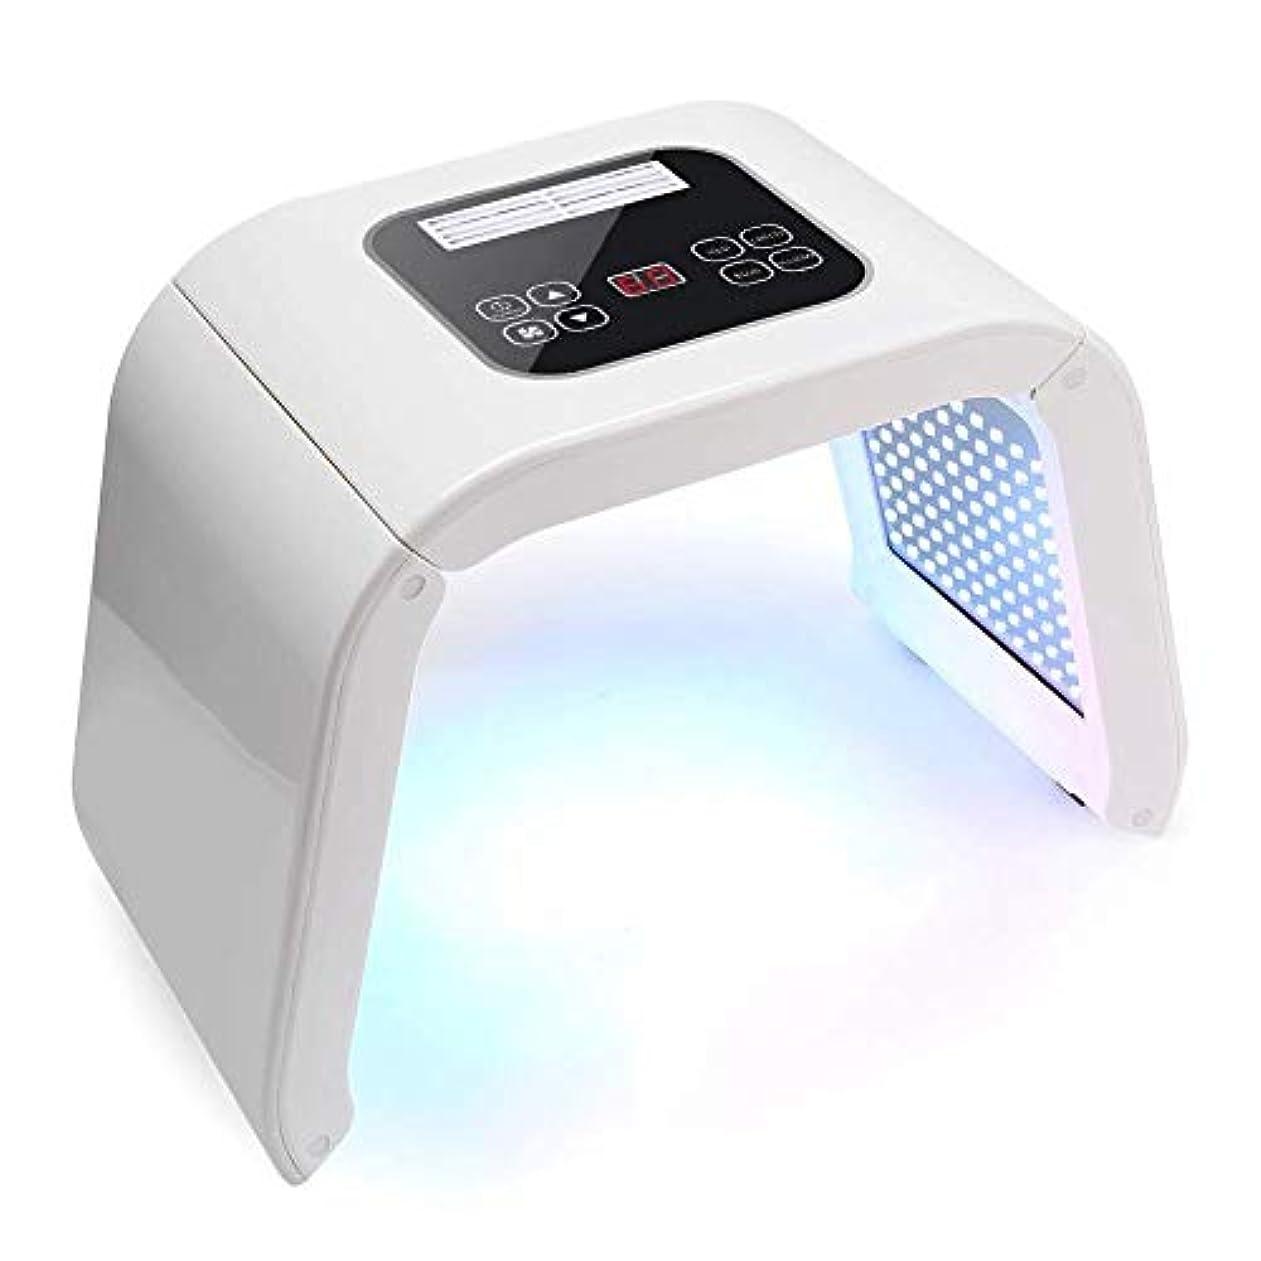 ゲインセイ控えめな鼓舞する若返りの機器を皮膚、7色のLEDライトは、フェイシャルケア美容機マスク、スキンはホームサロン使うスキンケアのツールについては、フェイスネックボディ?フェイシャルケアのためのアンチエイジングスキンケアツールを締め